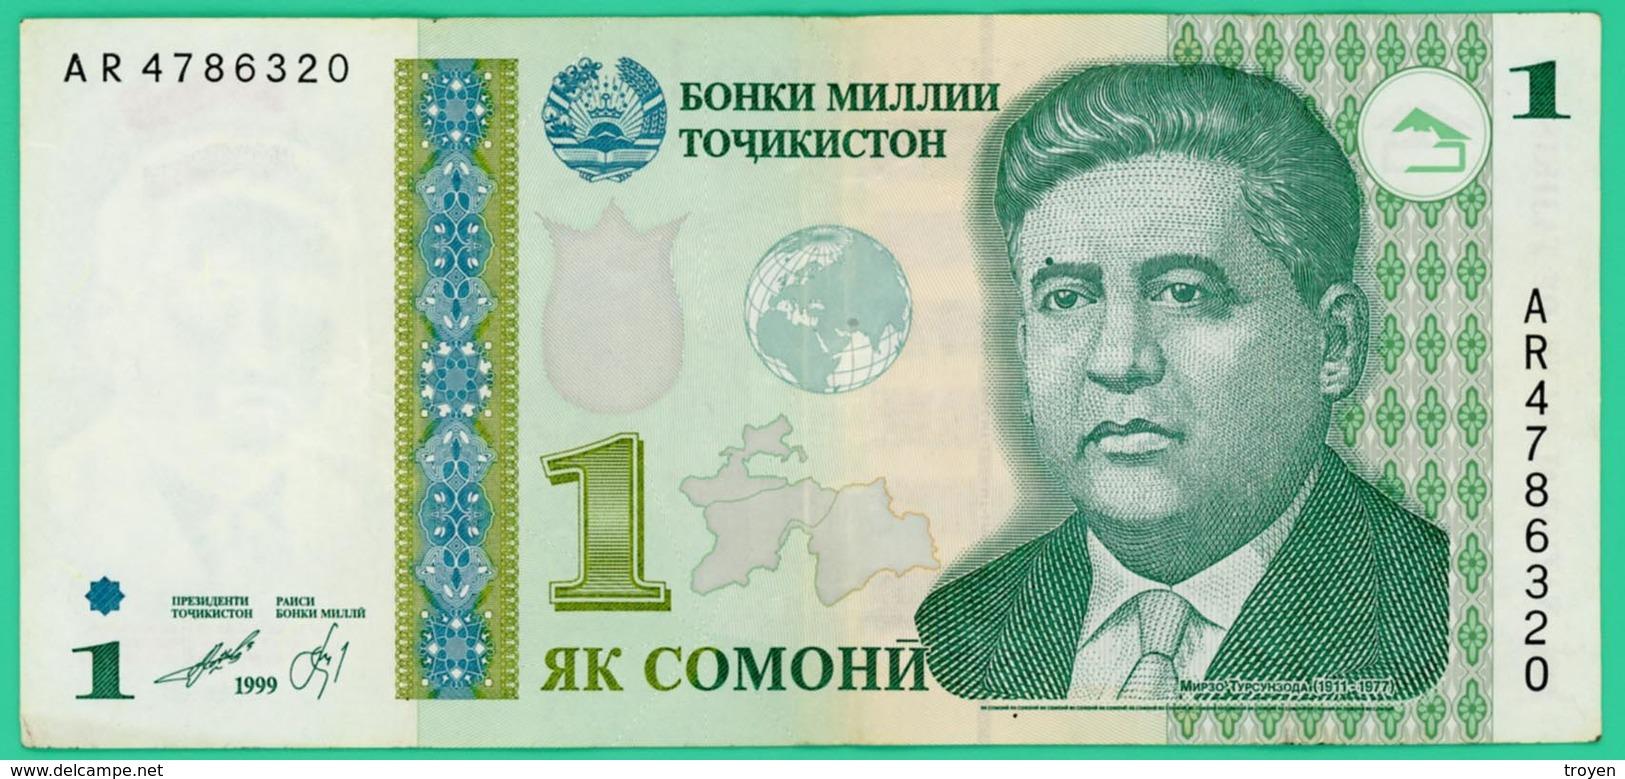 Somoni - Tadjikistan - 2010 - N° AR4786320 - TTB + - - Tadjikistan